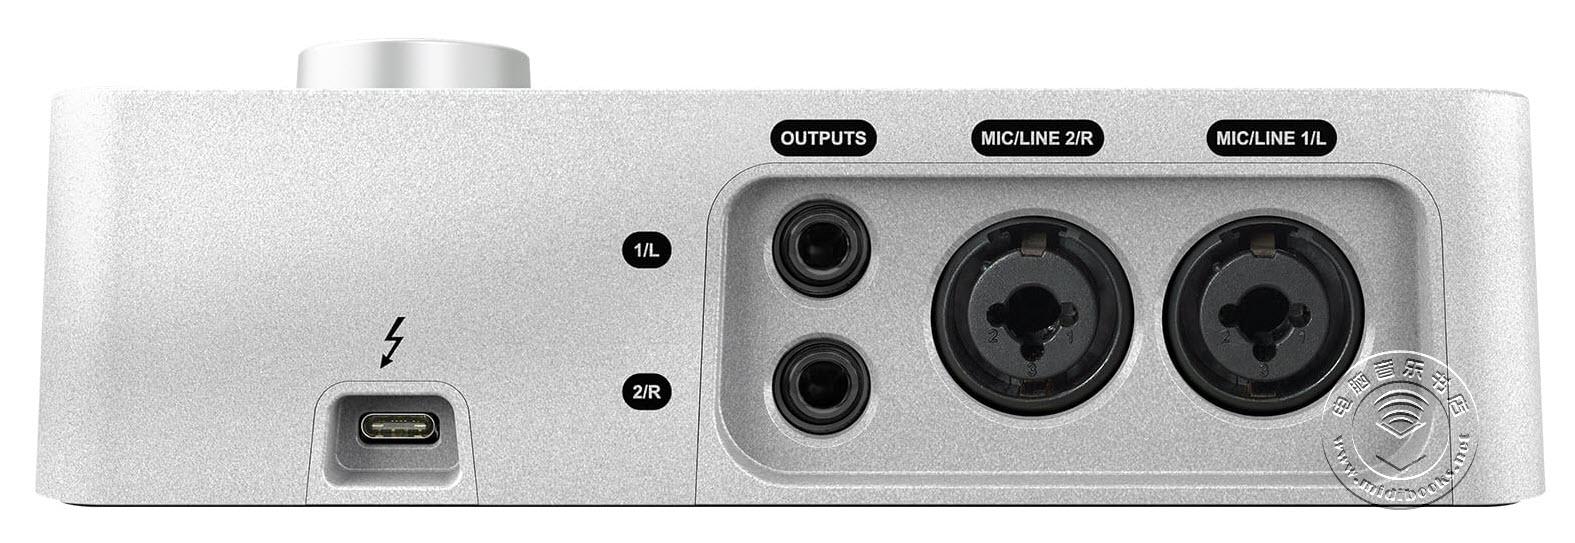 Universal Audio推出两款全新的Apollo Solo音频接口(视频)